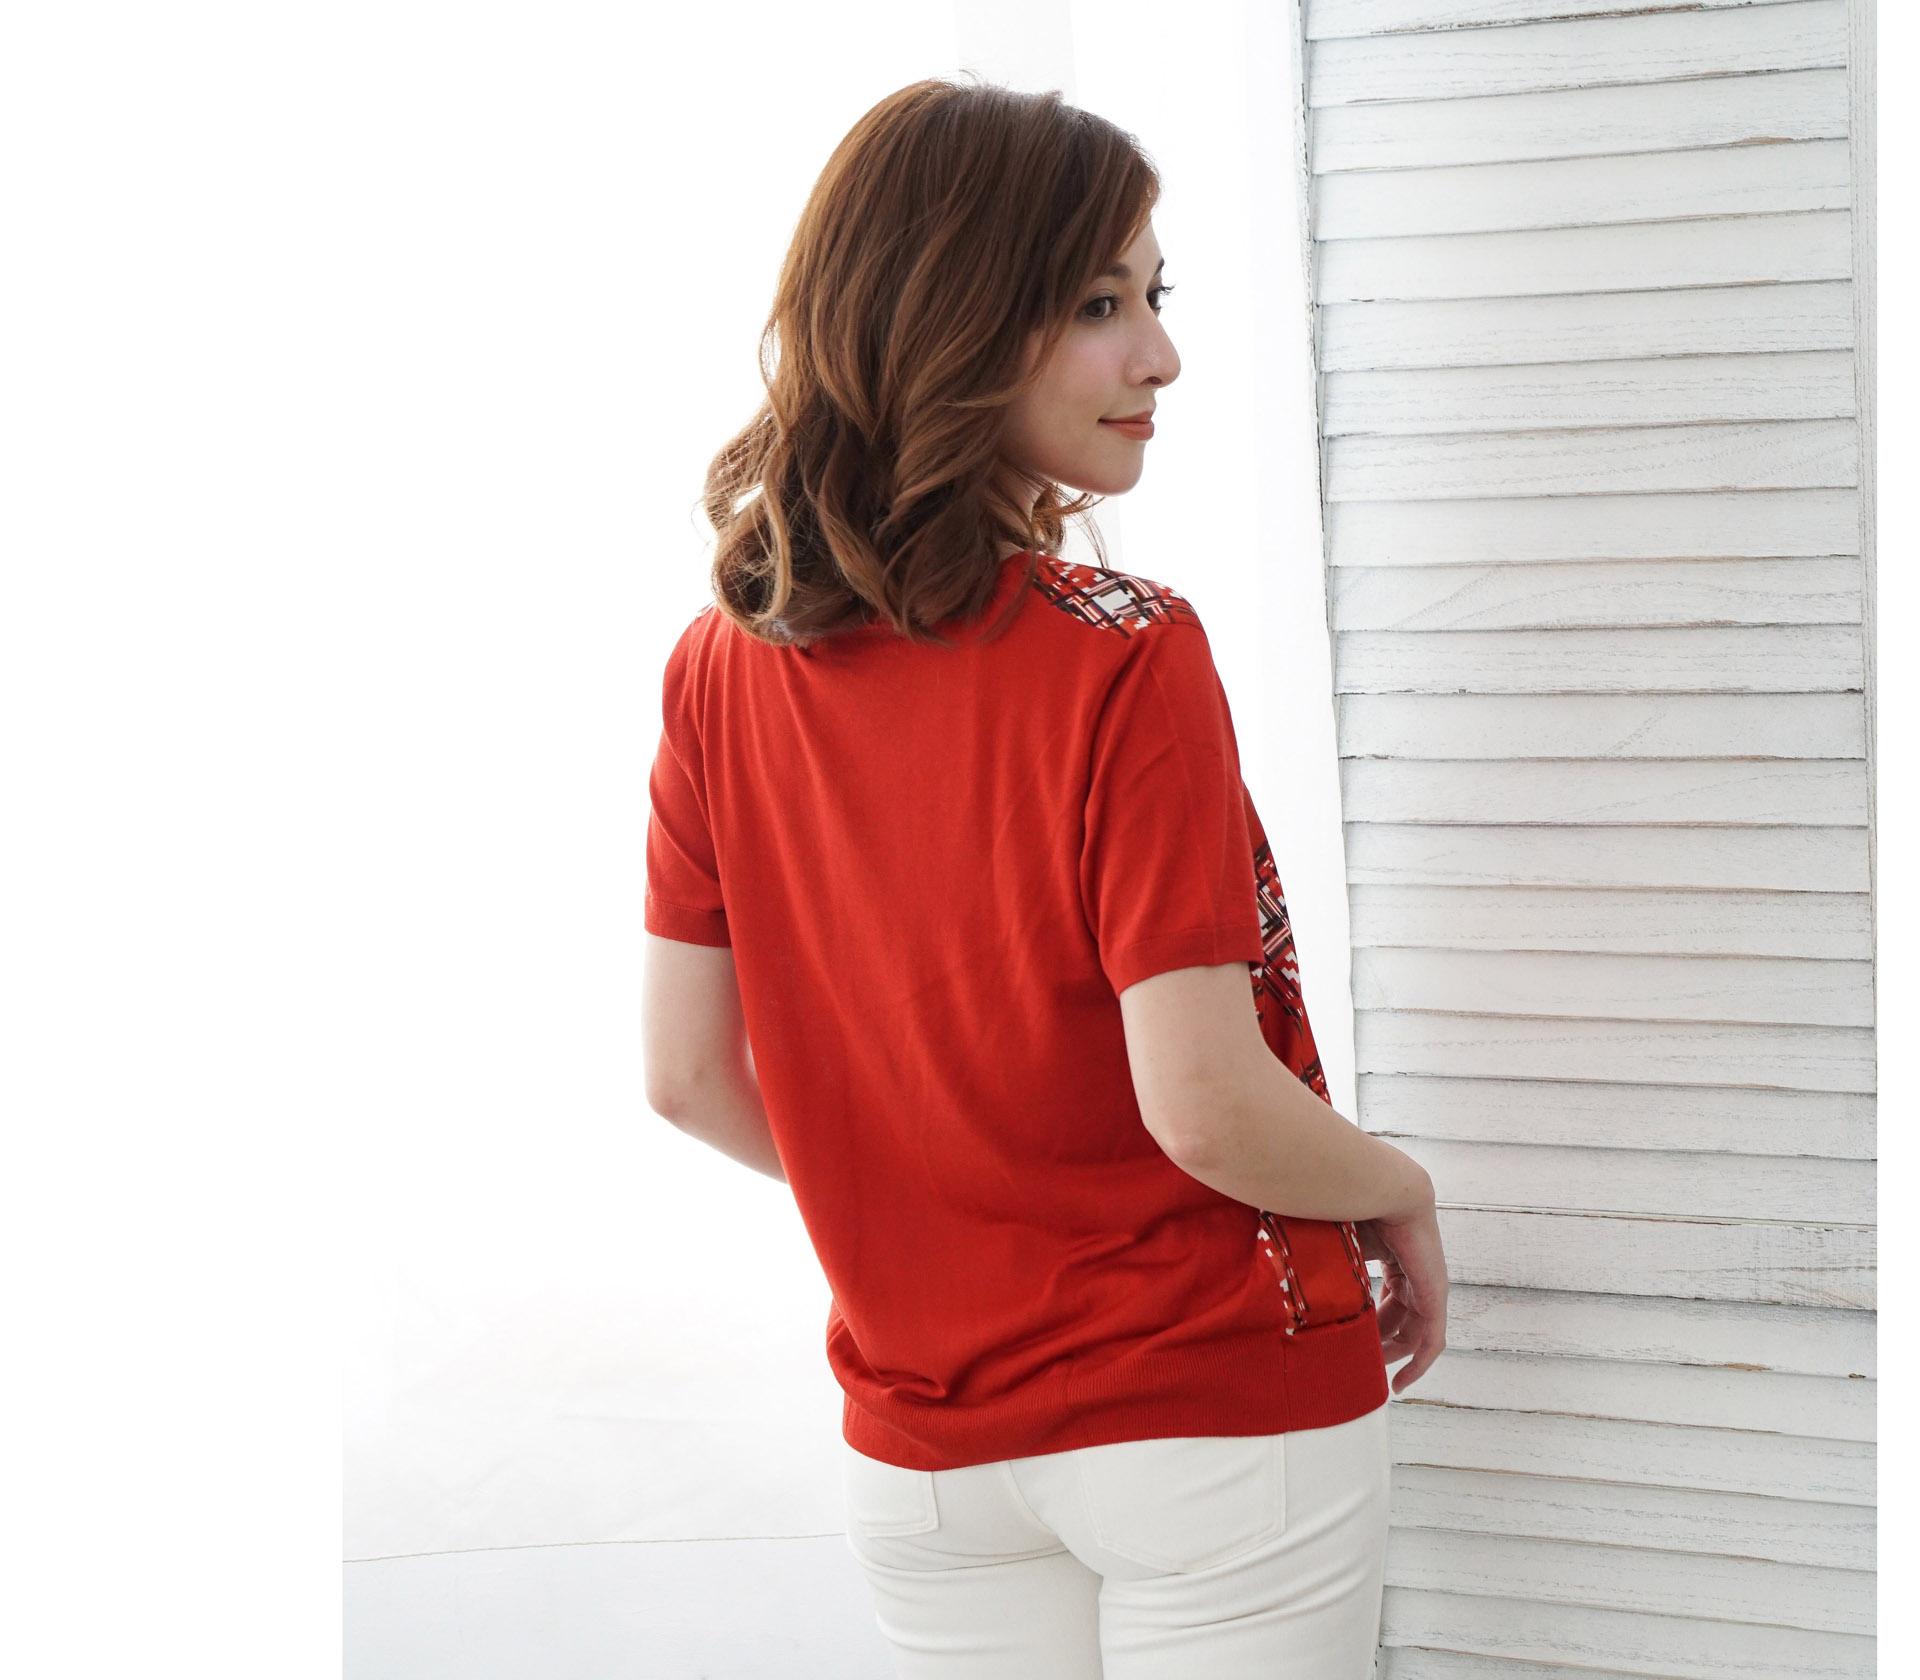 V領拼接滑布格紋米色蠶絲針織短袖上衣 – 橘 -6774